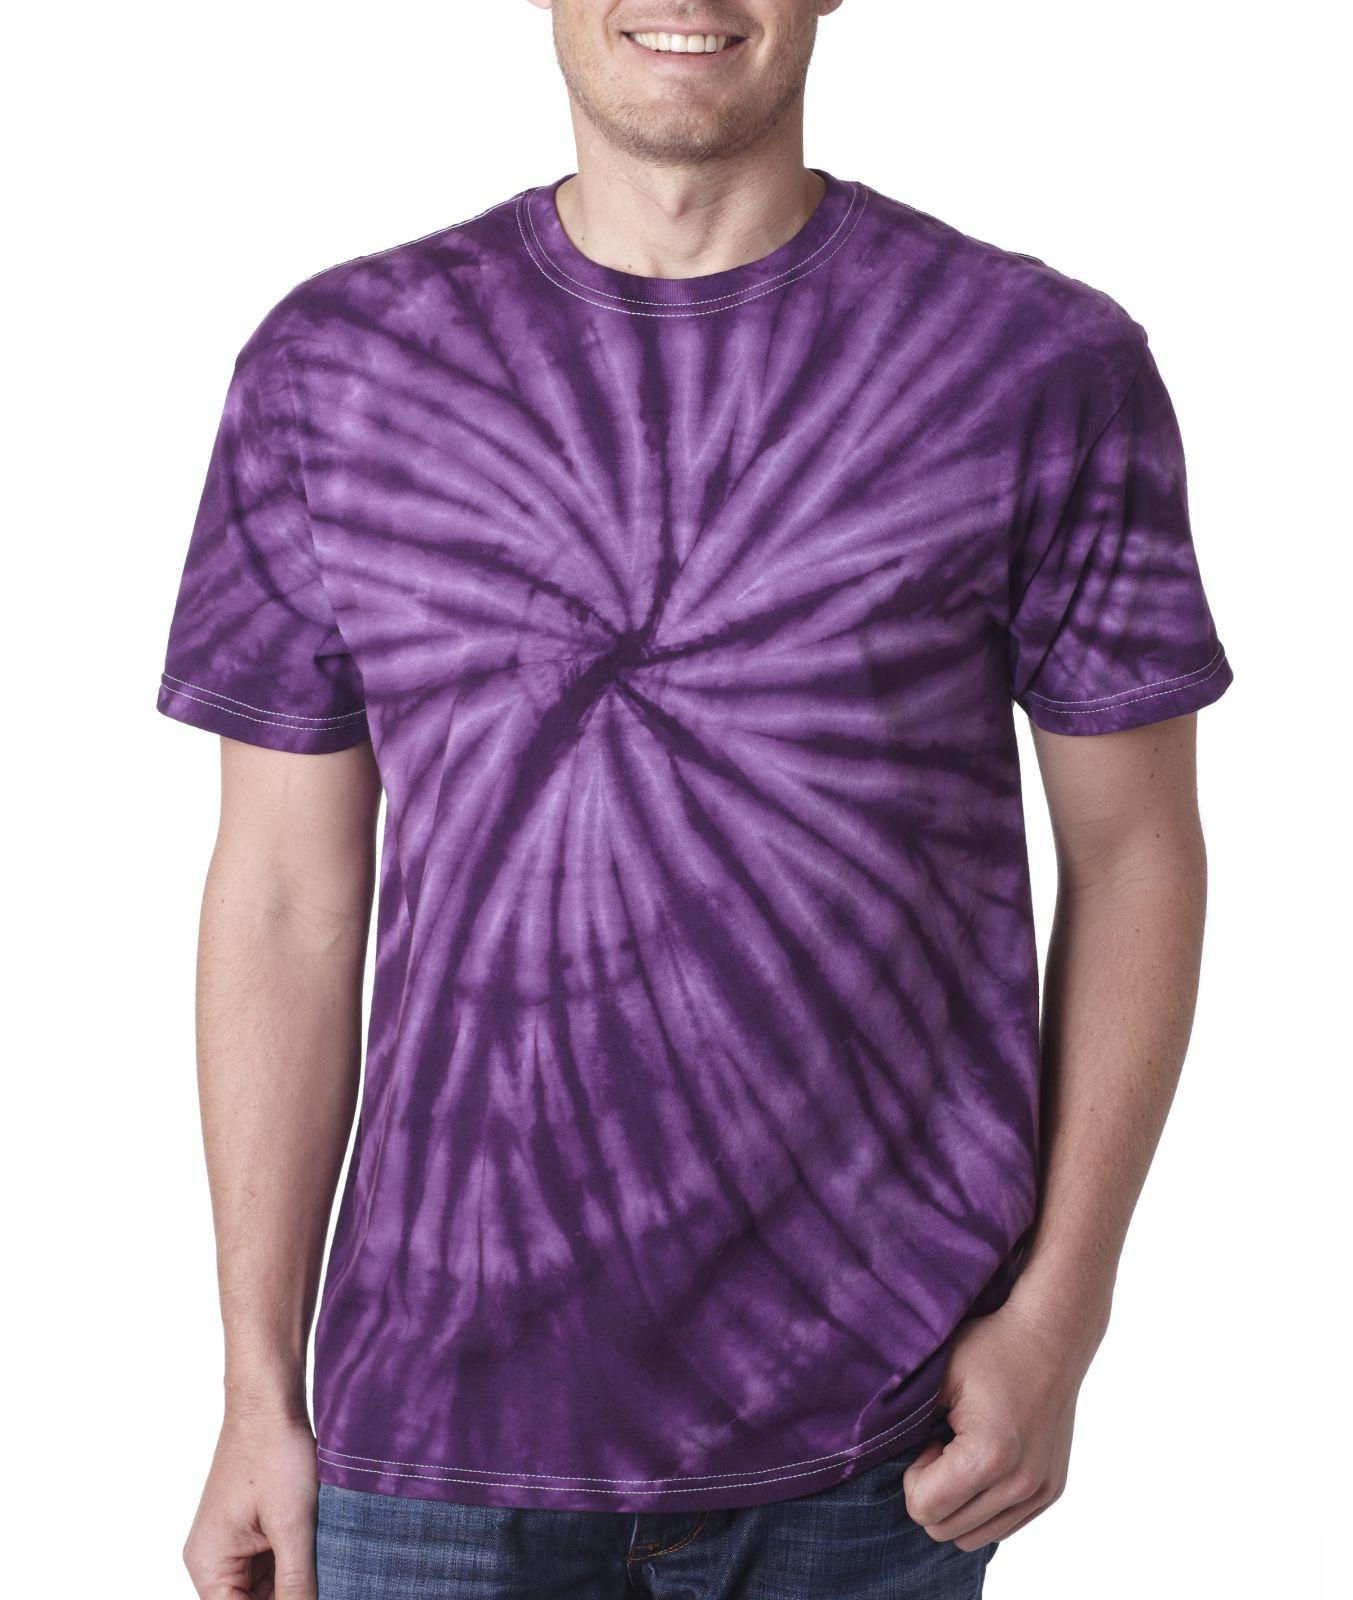 mens tie dye shirts photo - 1